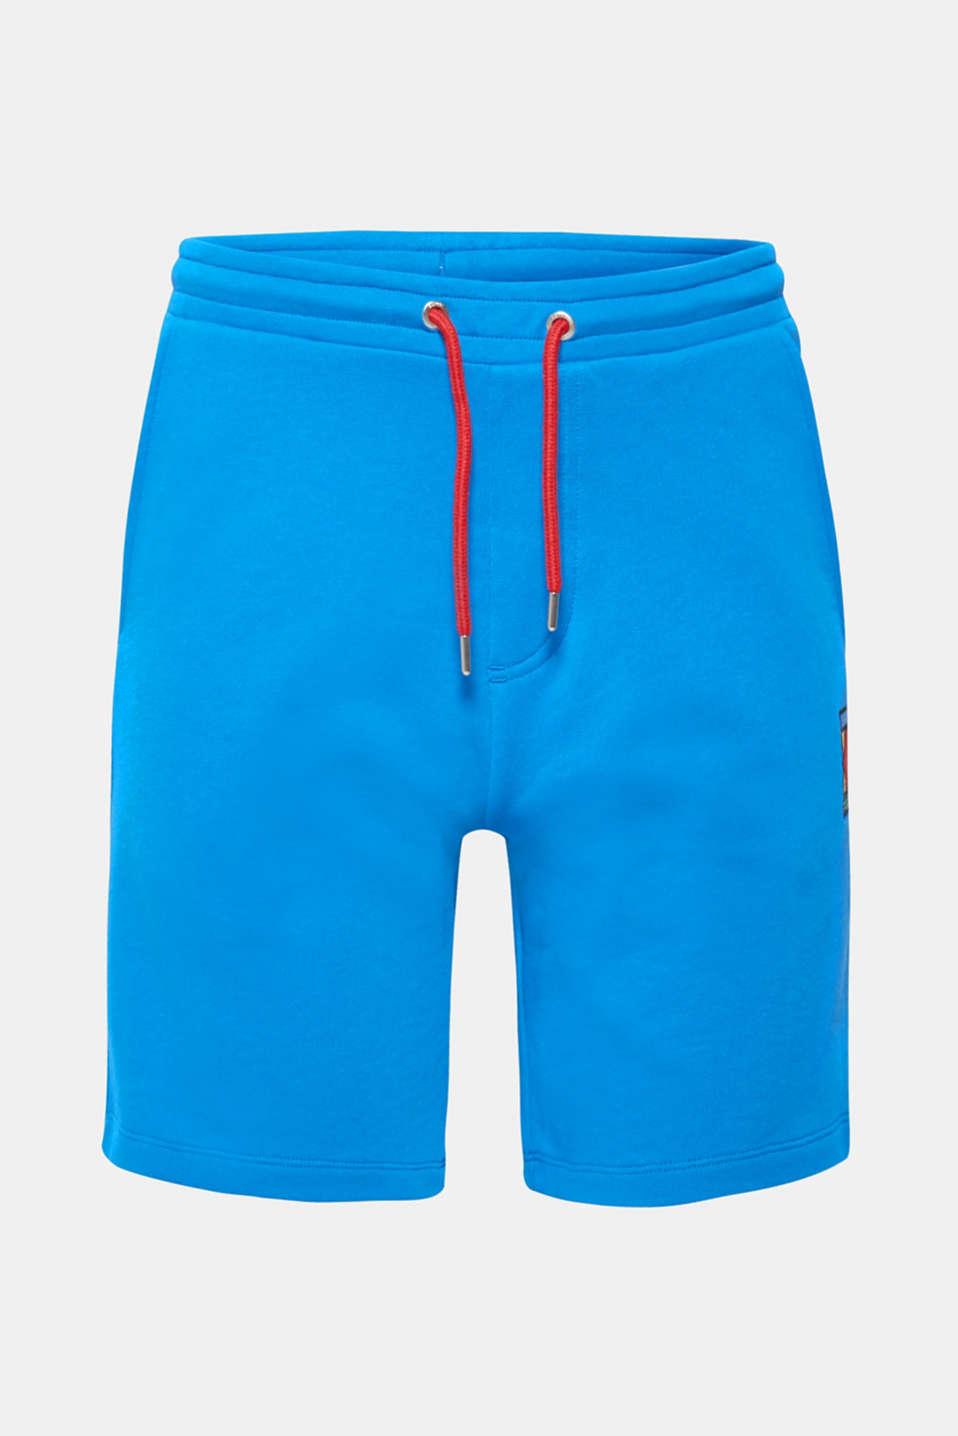 CRAIG & KARL: Men sweatshirt fabric shorts, organic cotton, BLUE, detail image number 5